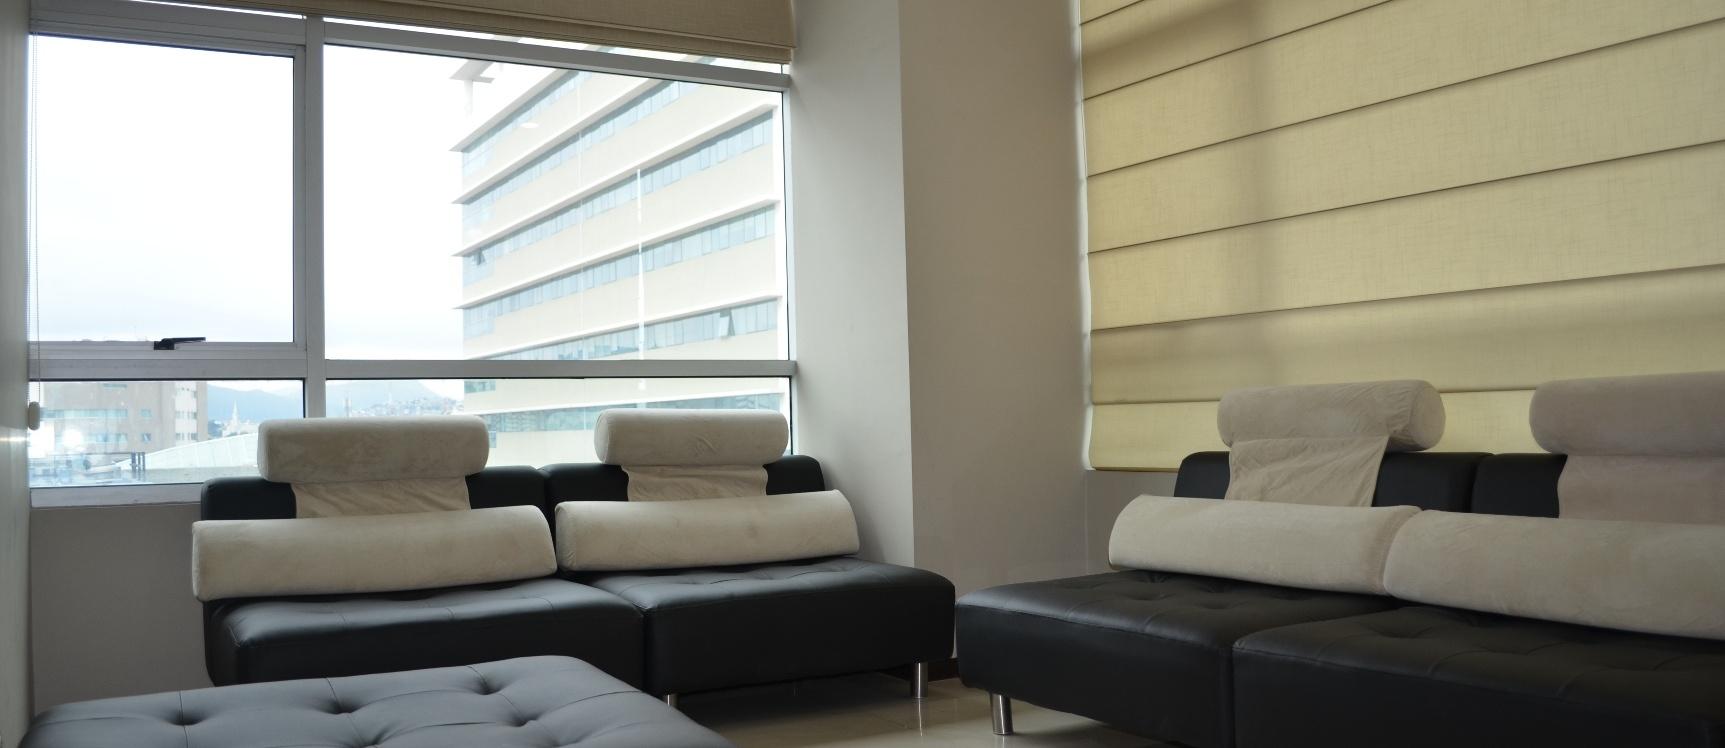 GeoBienes - Suite en alquiler en edificio Elite Building sector Mall del Sol - Plusvalia Guayaquil Casas de venta y alquiler Inmobiliaria Ecuador